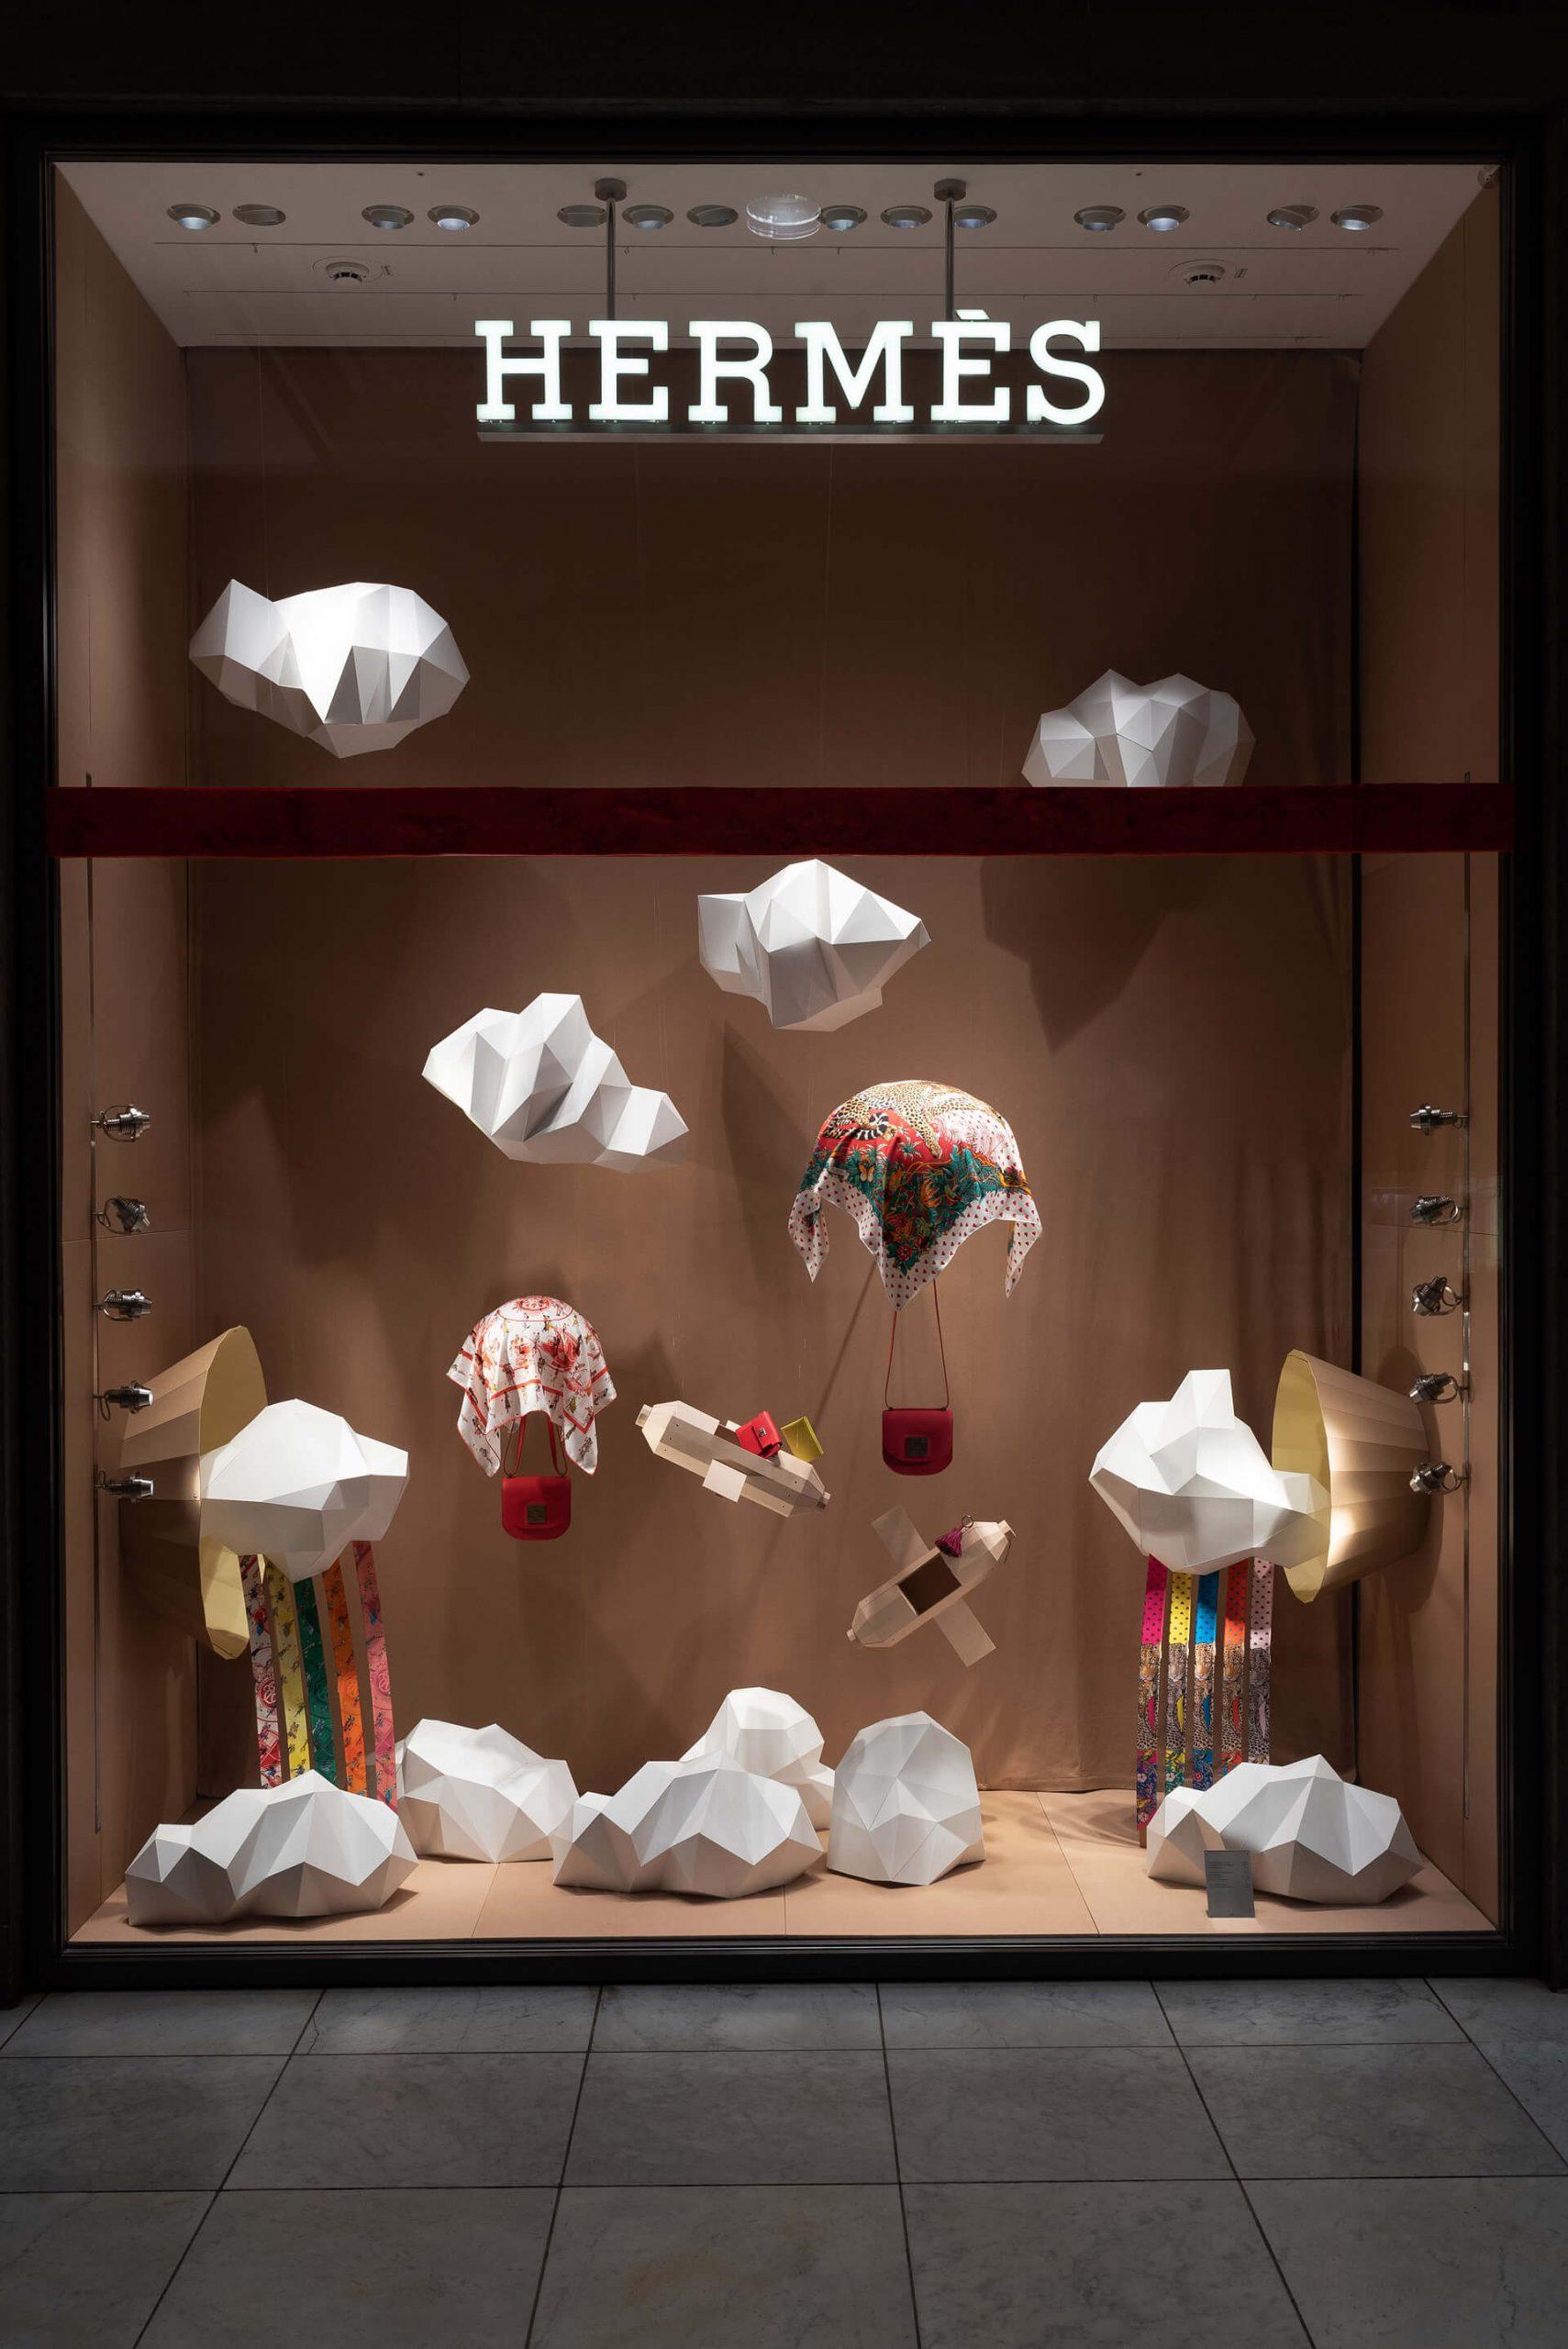 hermes-window-spring20-10